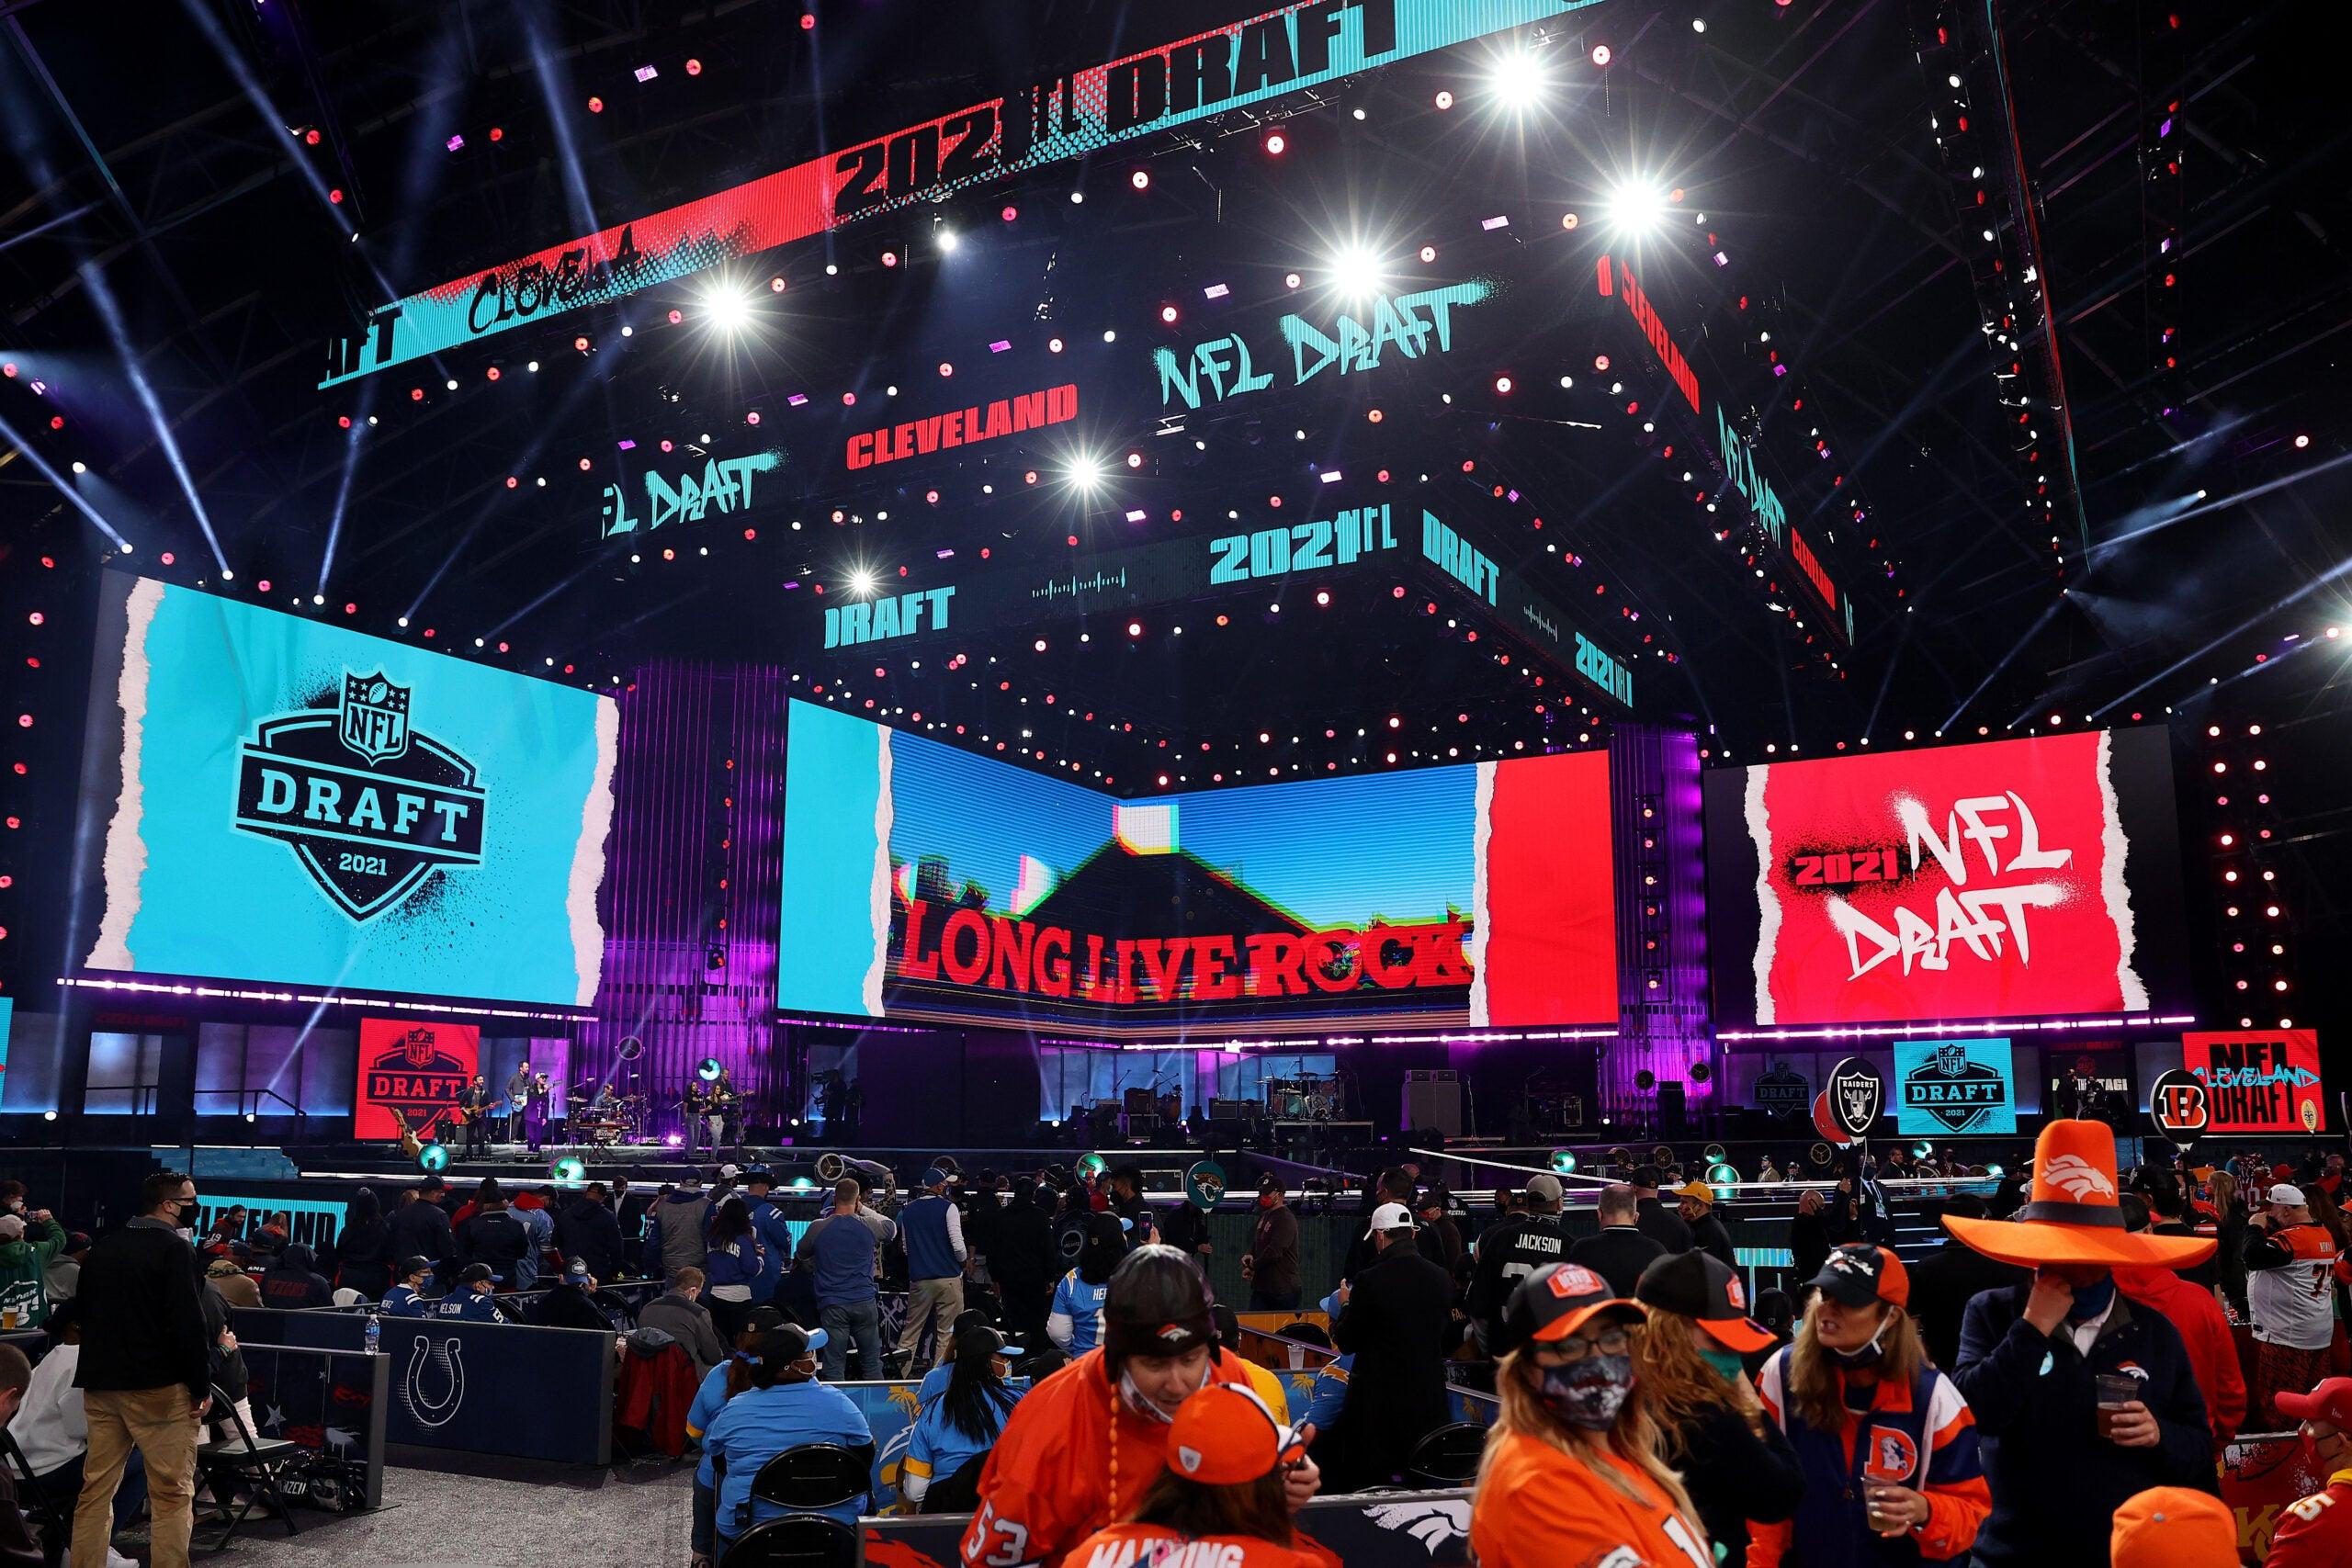 Patriots 2021 draft picks